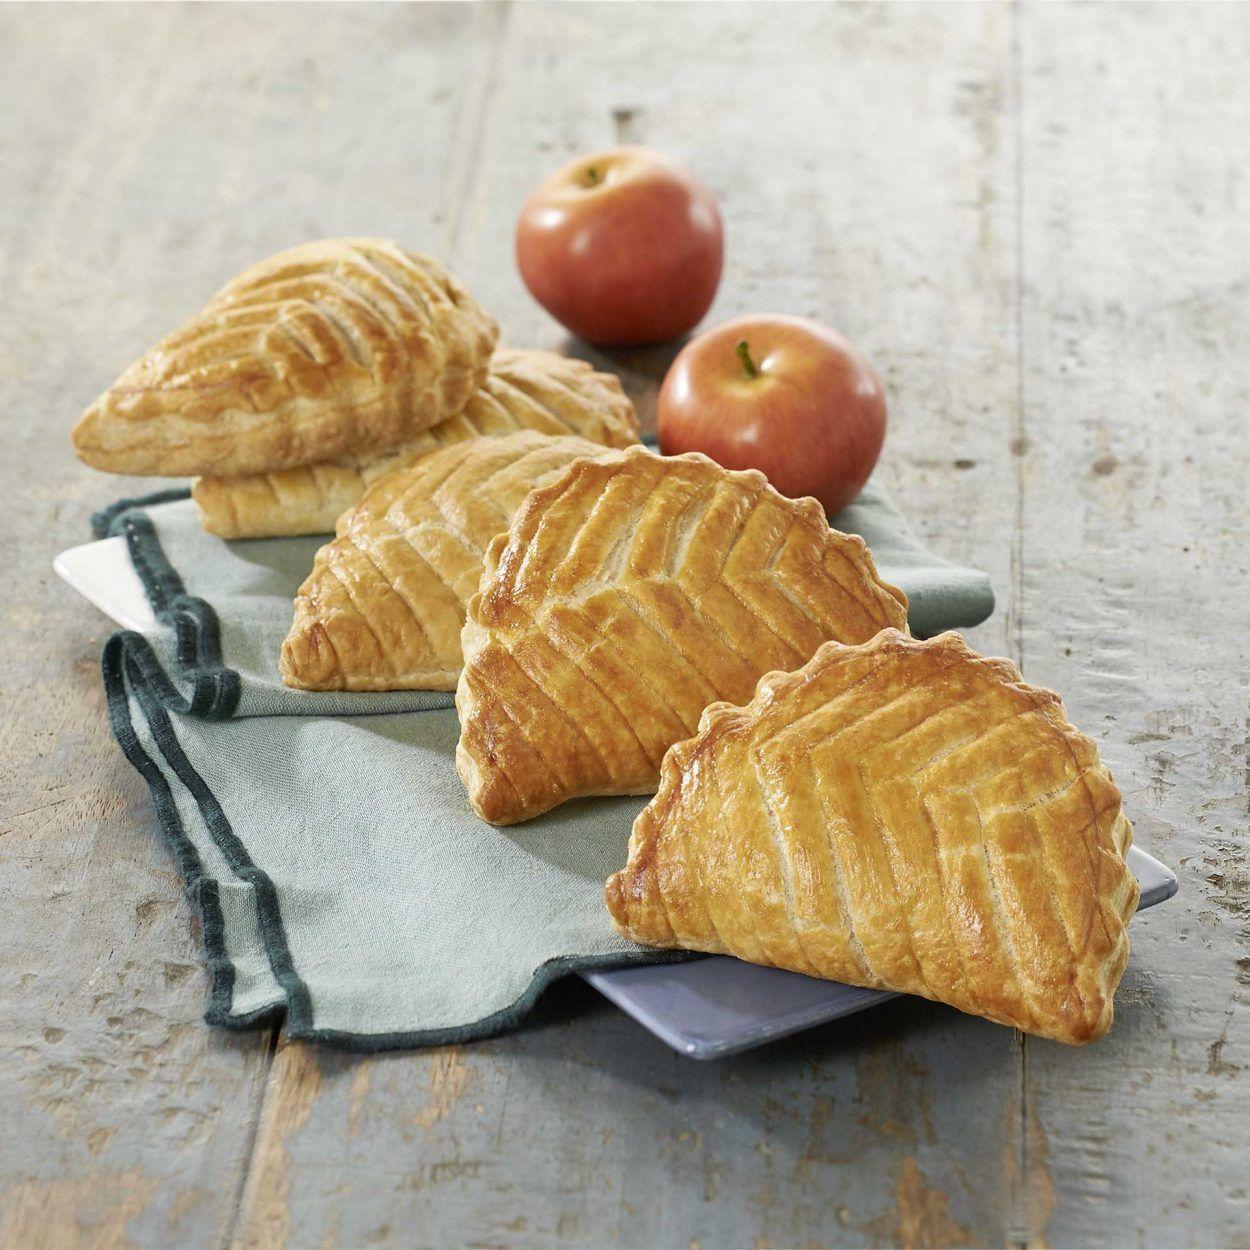 Lot de 4 chaussons aux pommes cuits du jour (360g)